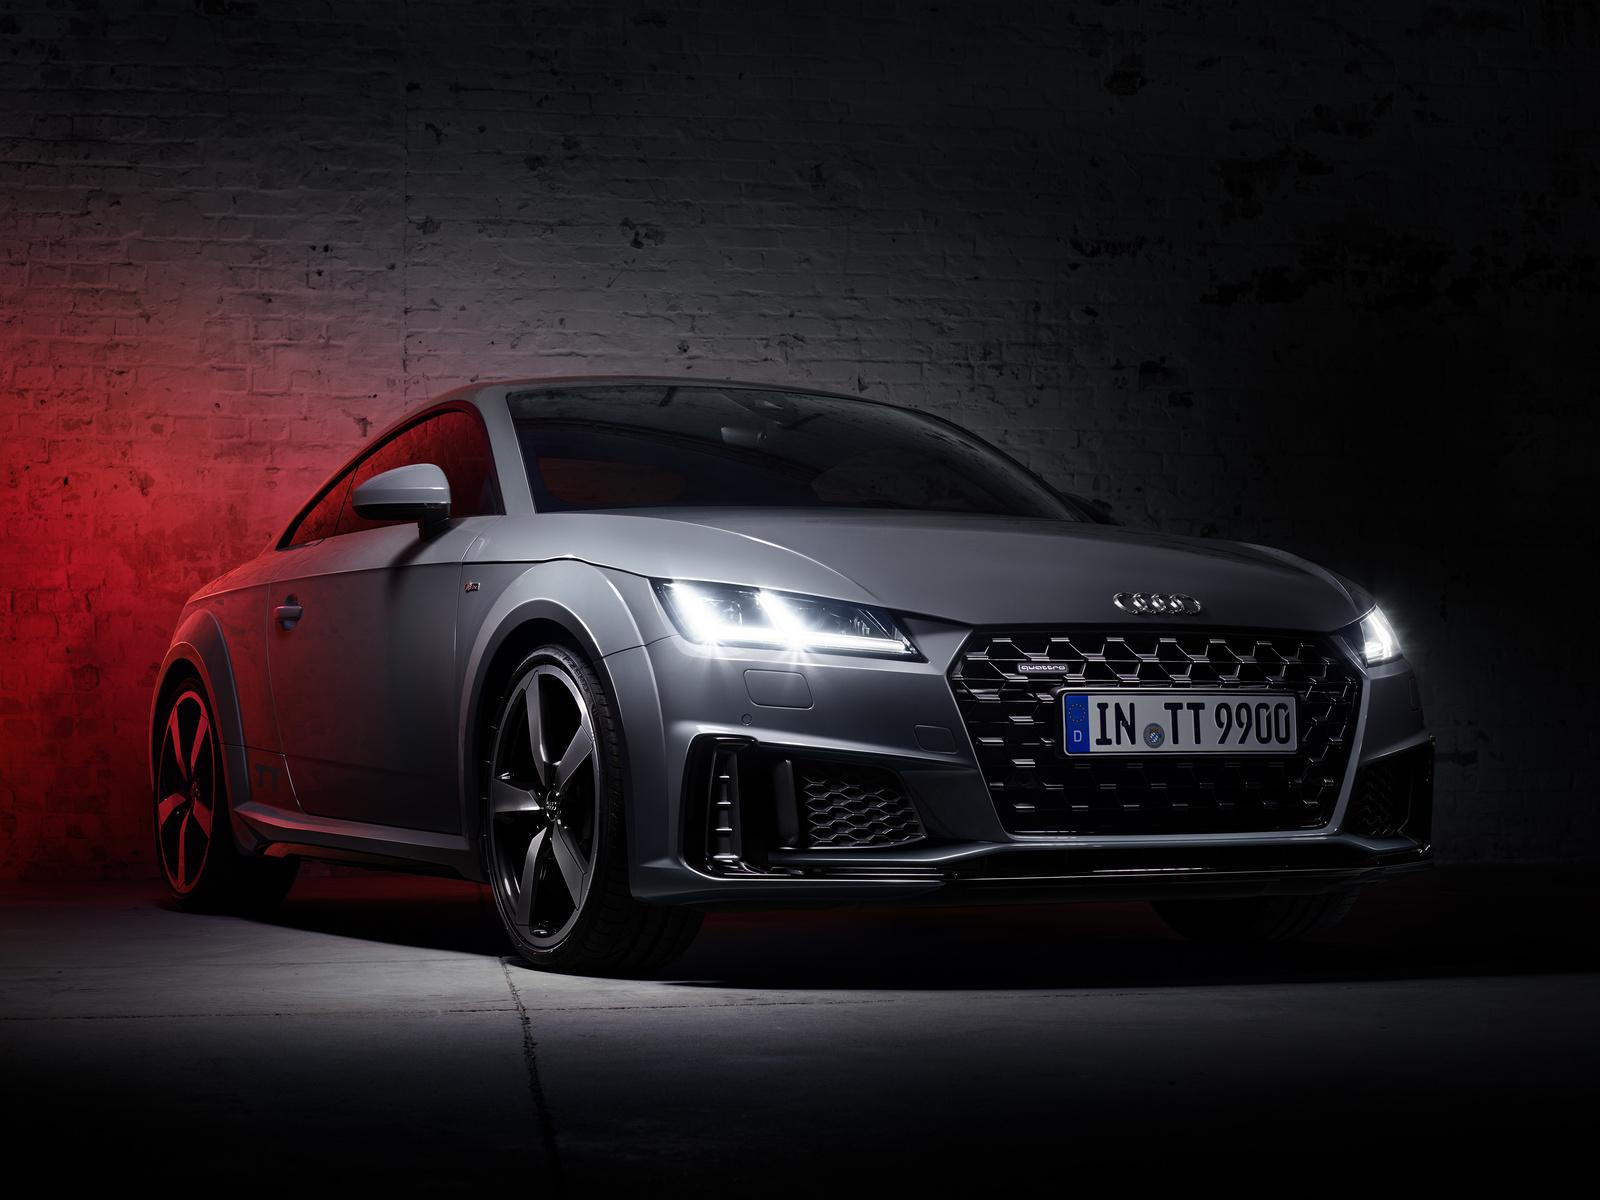 Audi Tt Quantum Gray Edition